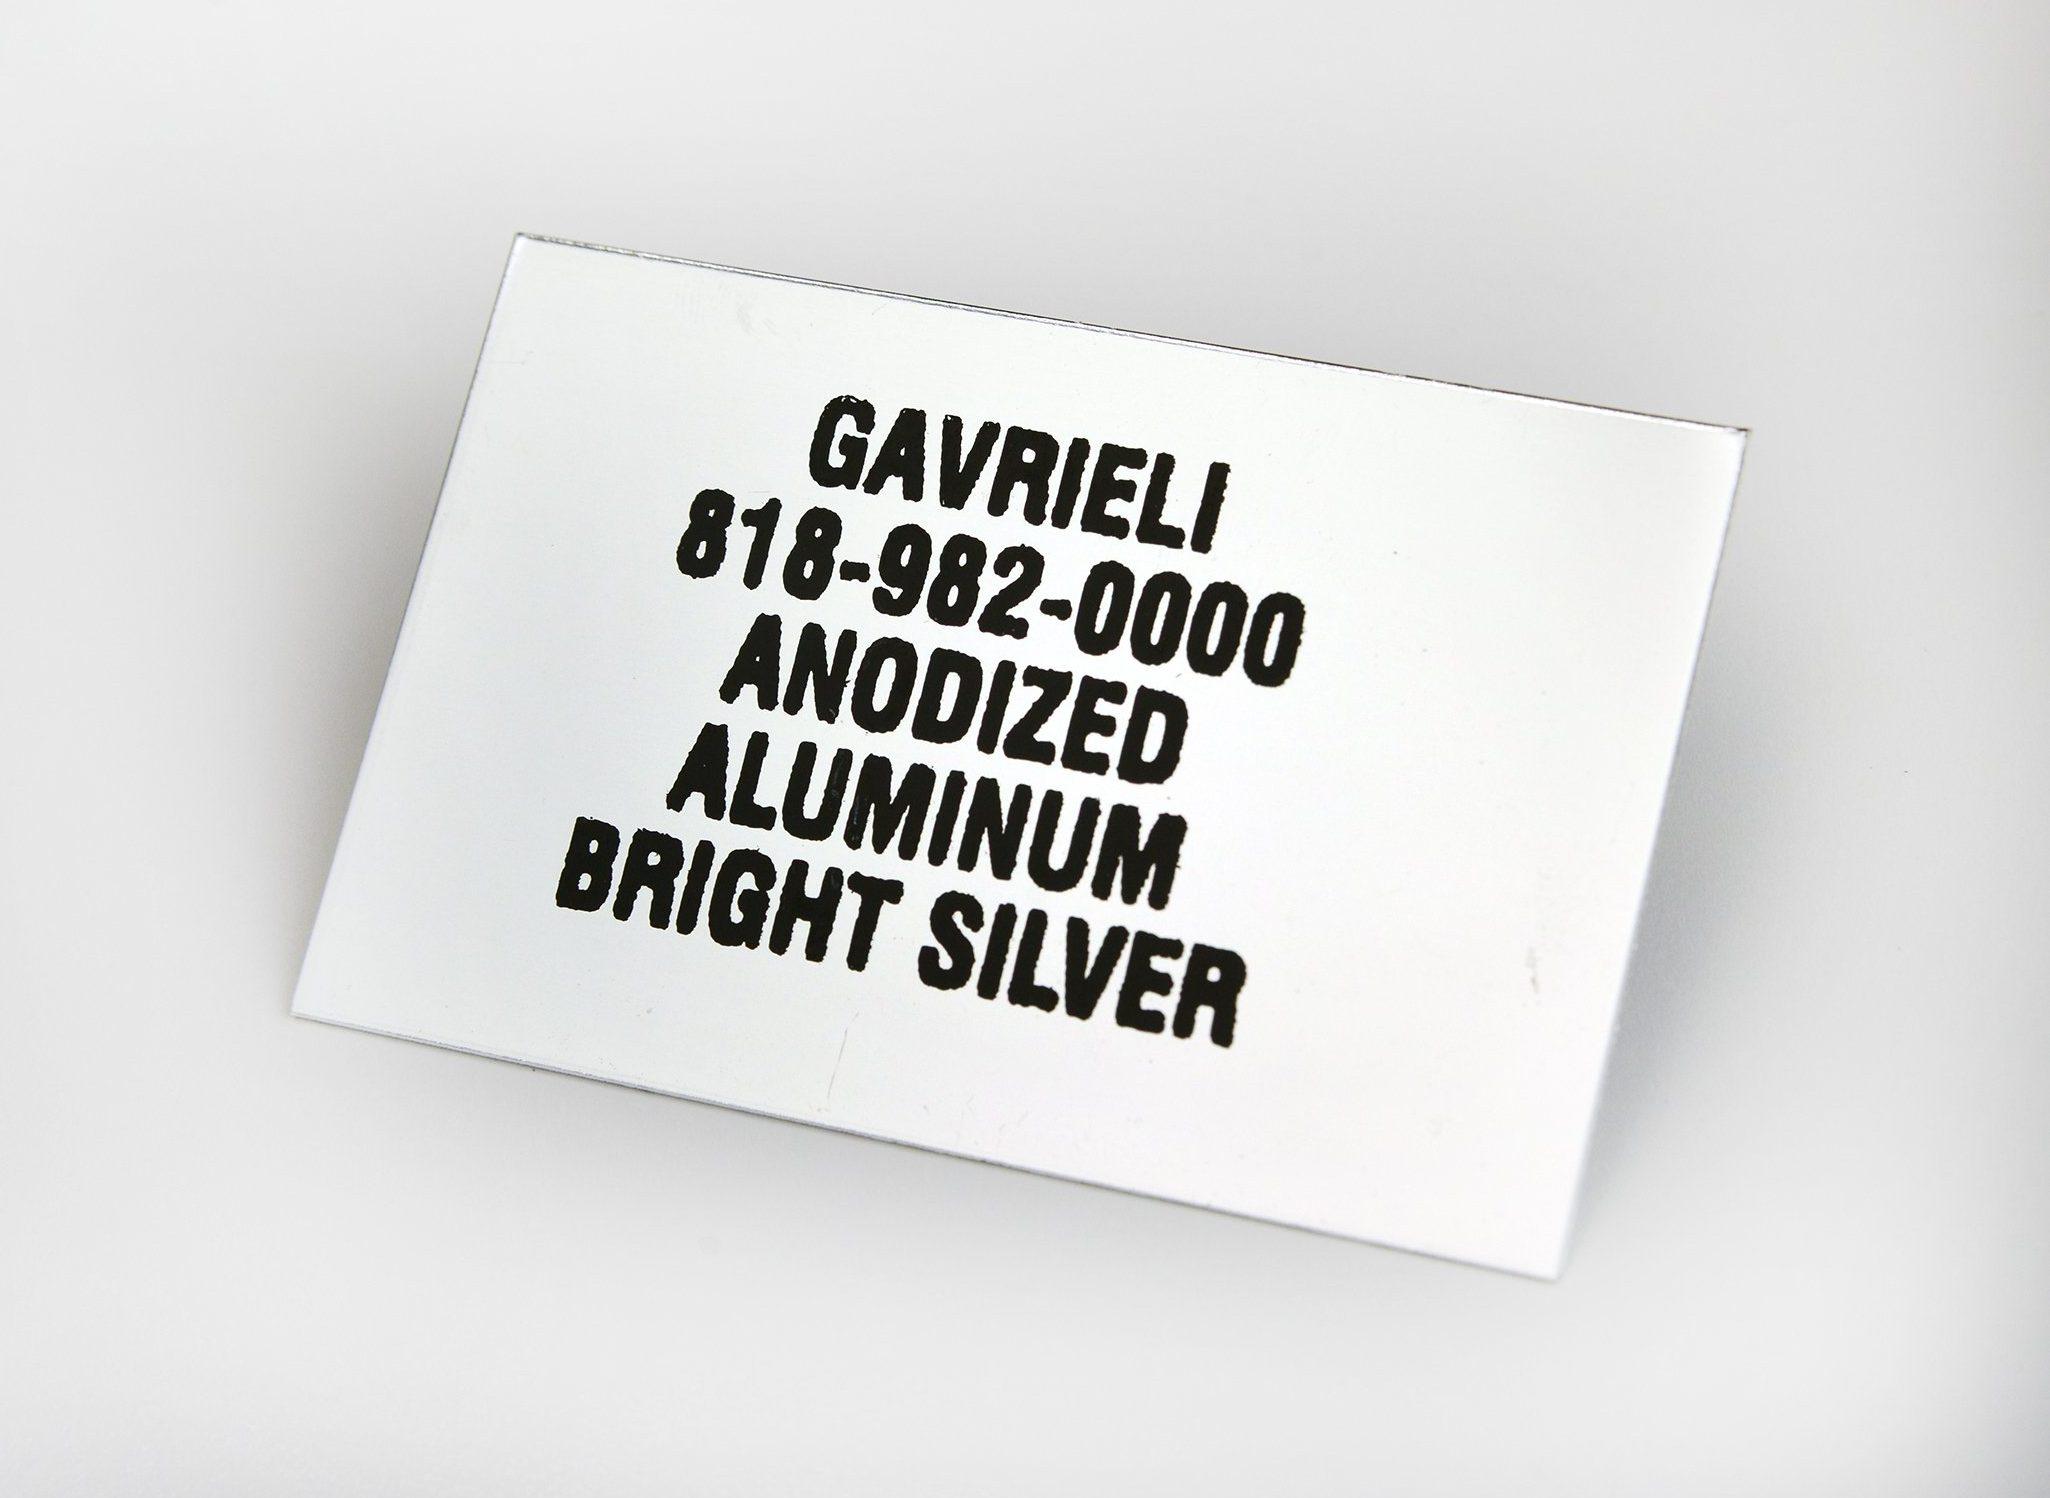 Anodized Aluminum Bright Silver